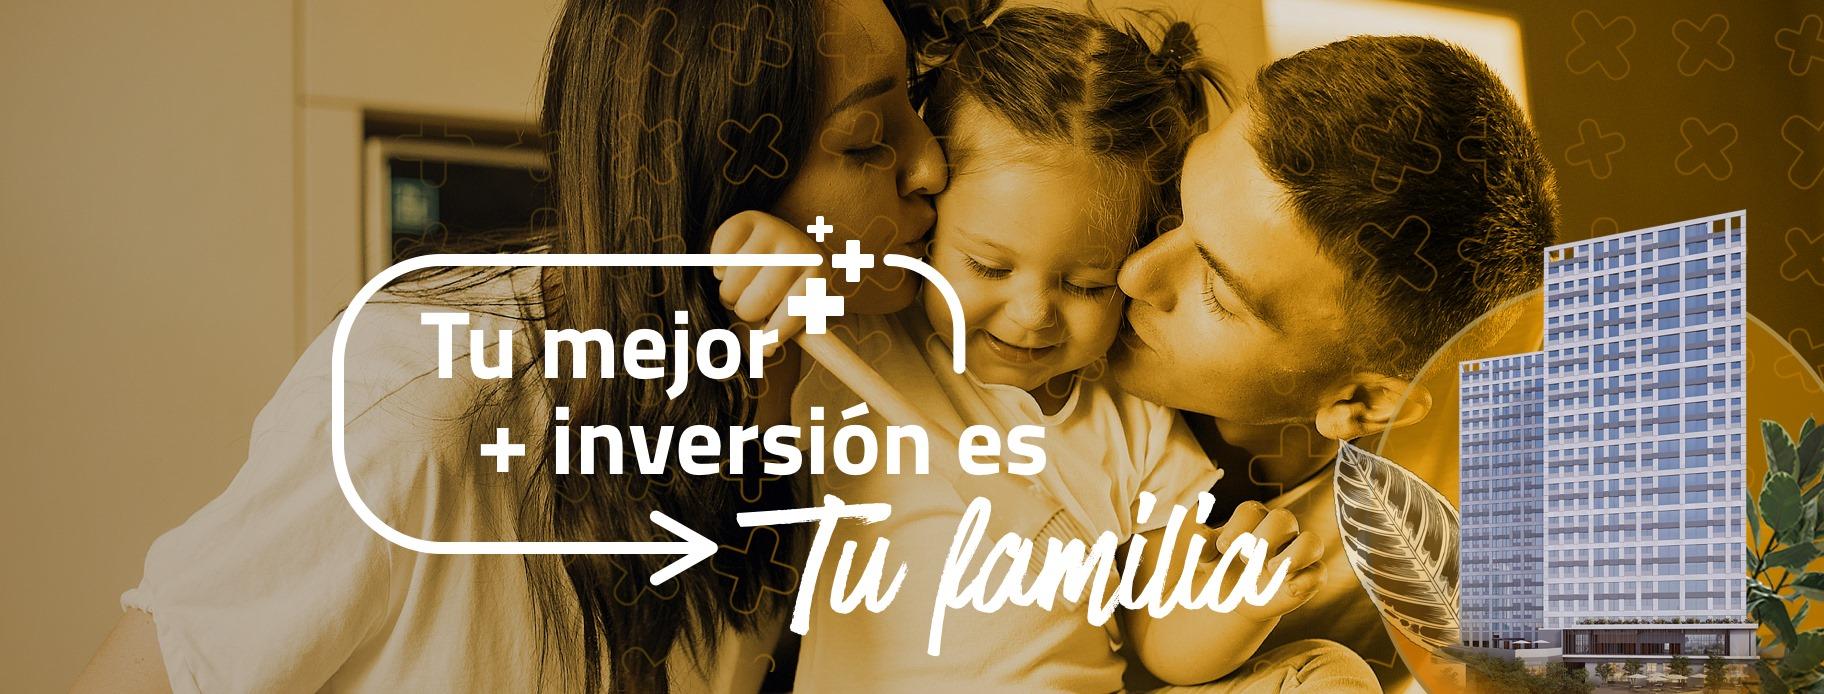 """Puede ser una imagen de niño(a) y texto que dice """"+ Tu mejor + inversión es Tu familia"""""""